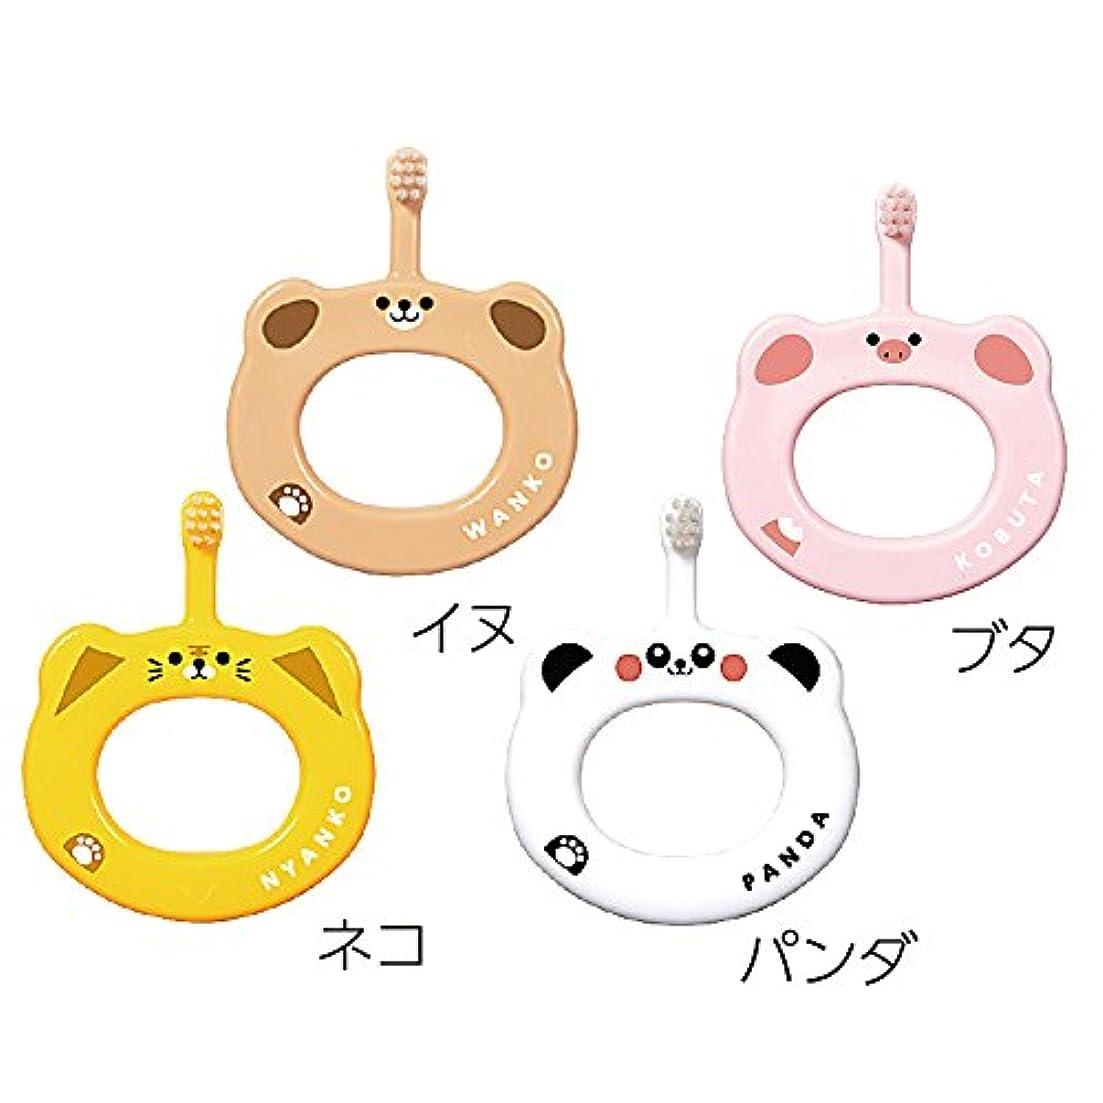 説教する傑出したケーキCi ベビー 歯ブラシ 動物柄 リング 4本セット (ブタ、パンダ、ネコ、イヌ)